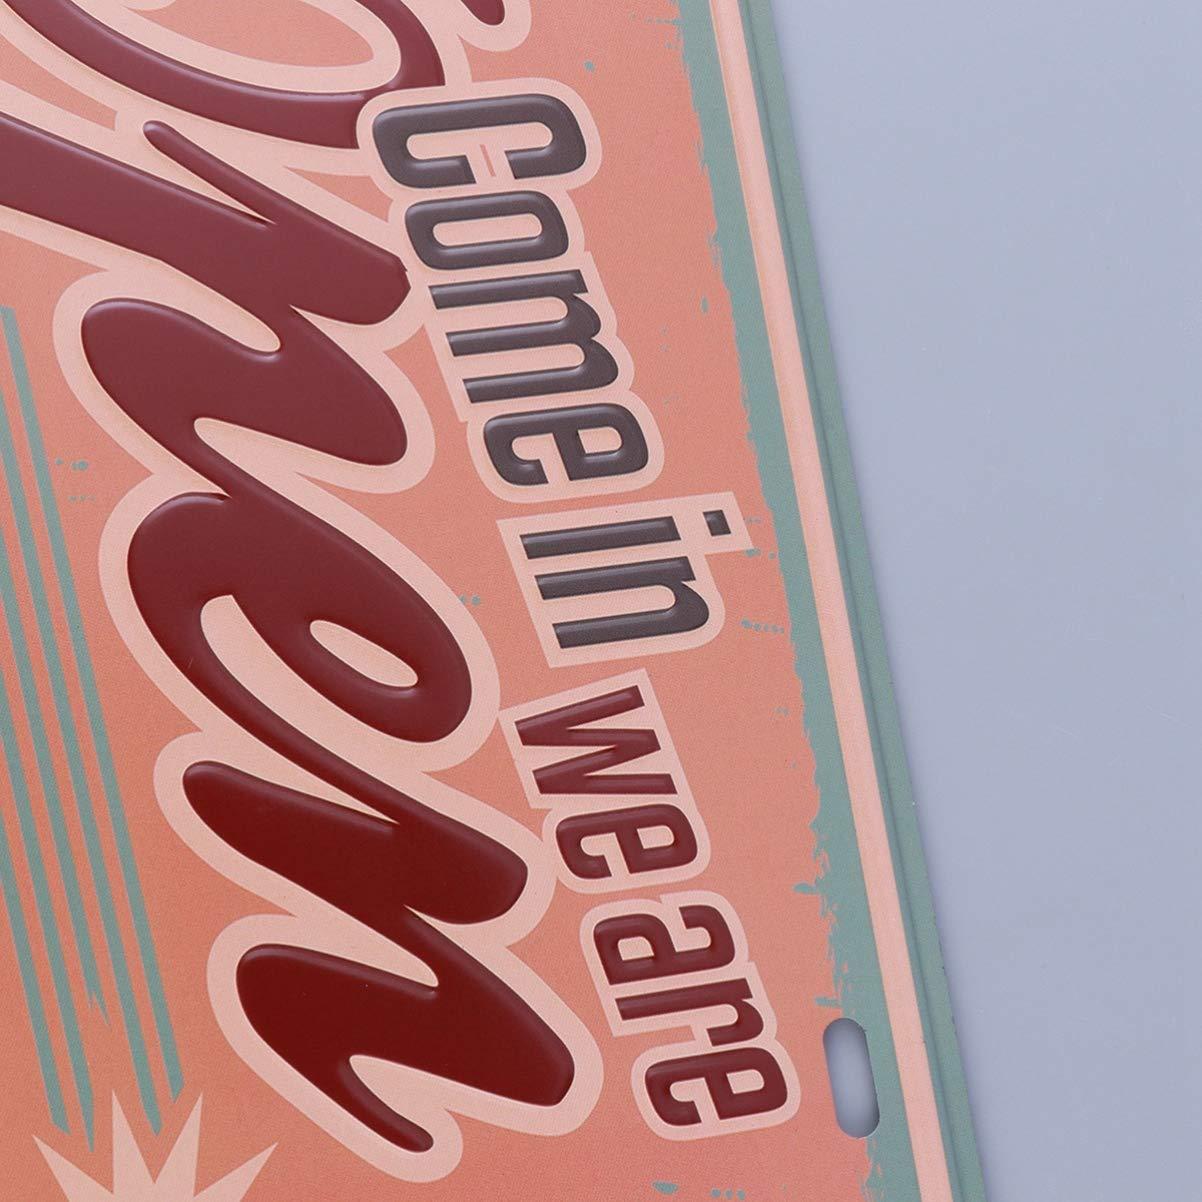 LIOOBO 1PC Moda Creativa Cl/ásica Vintage Venga estamos abiertos Cartel de chapa met/álica para Hotel Hogar Restaurante Pub Club Cafeter/ía